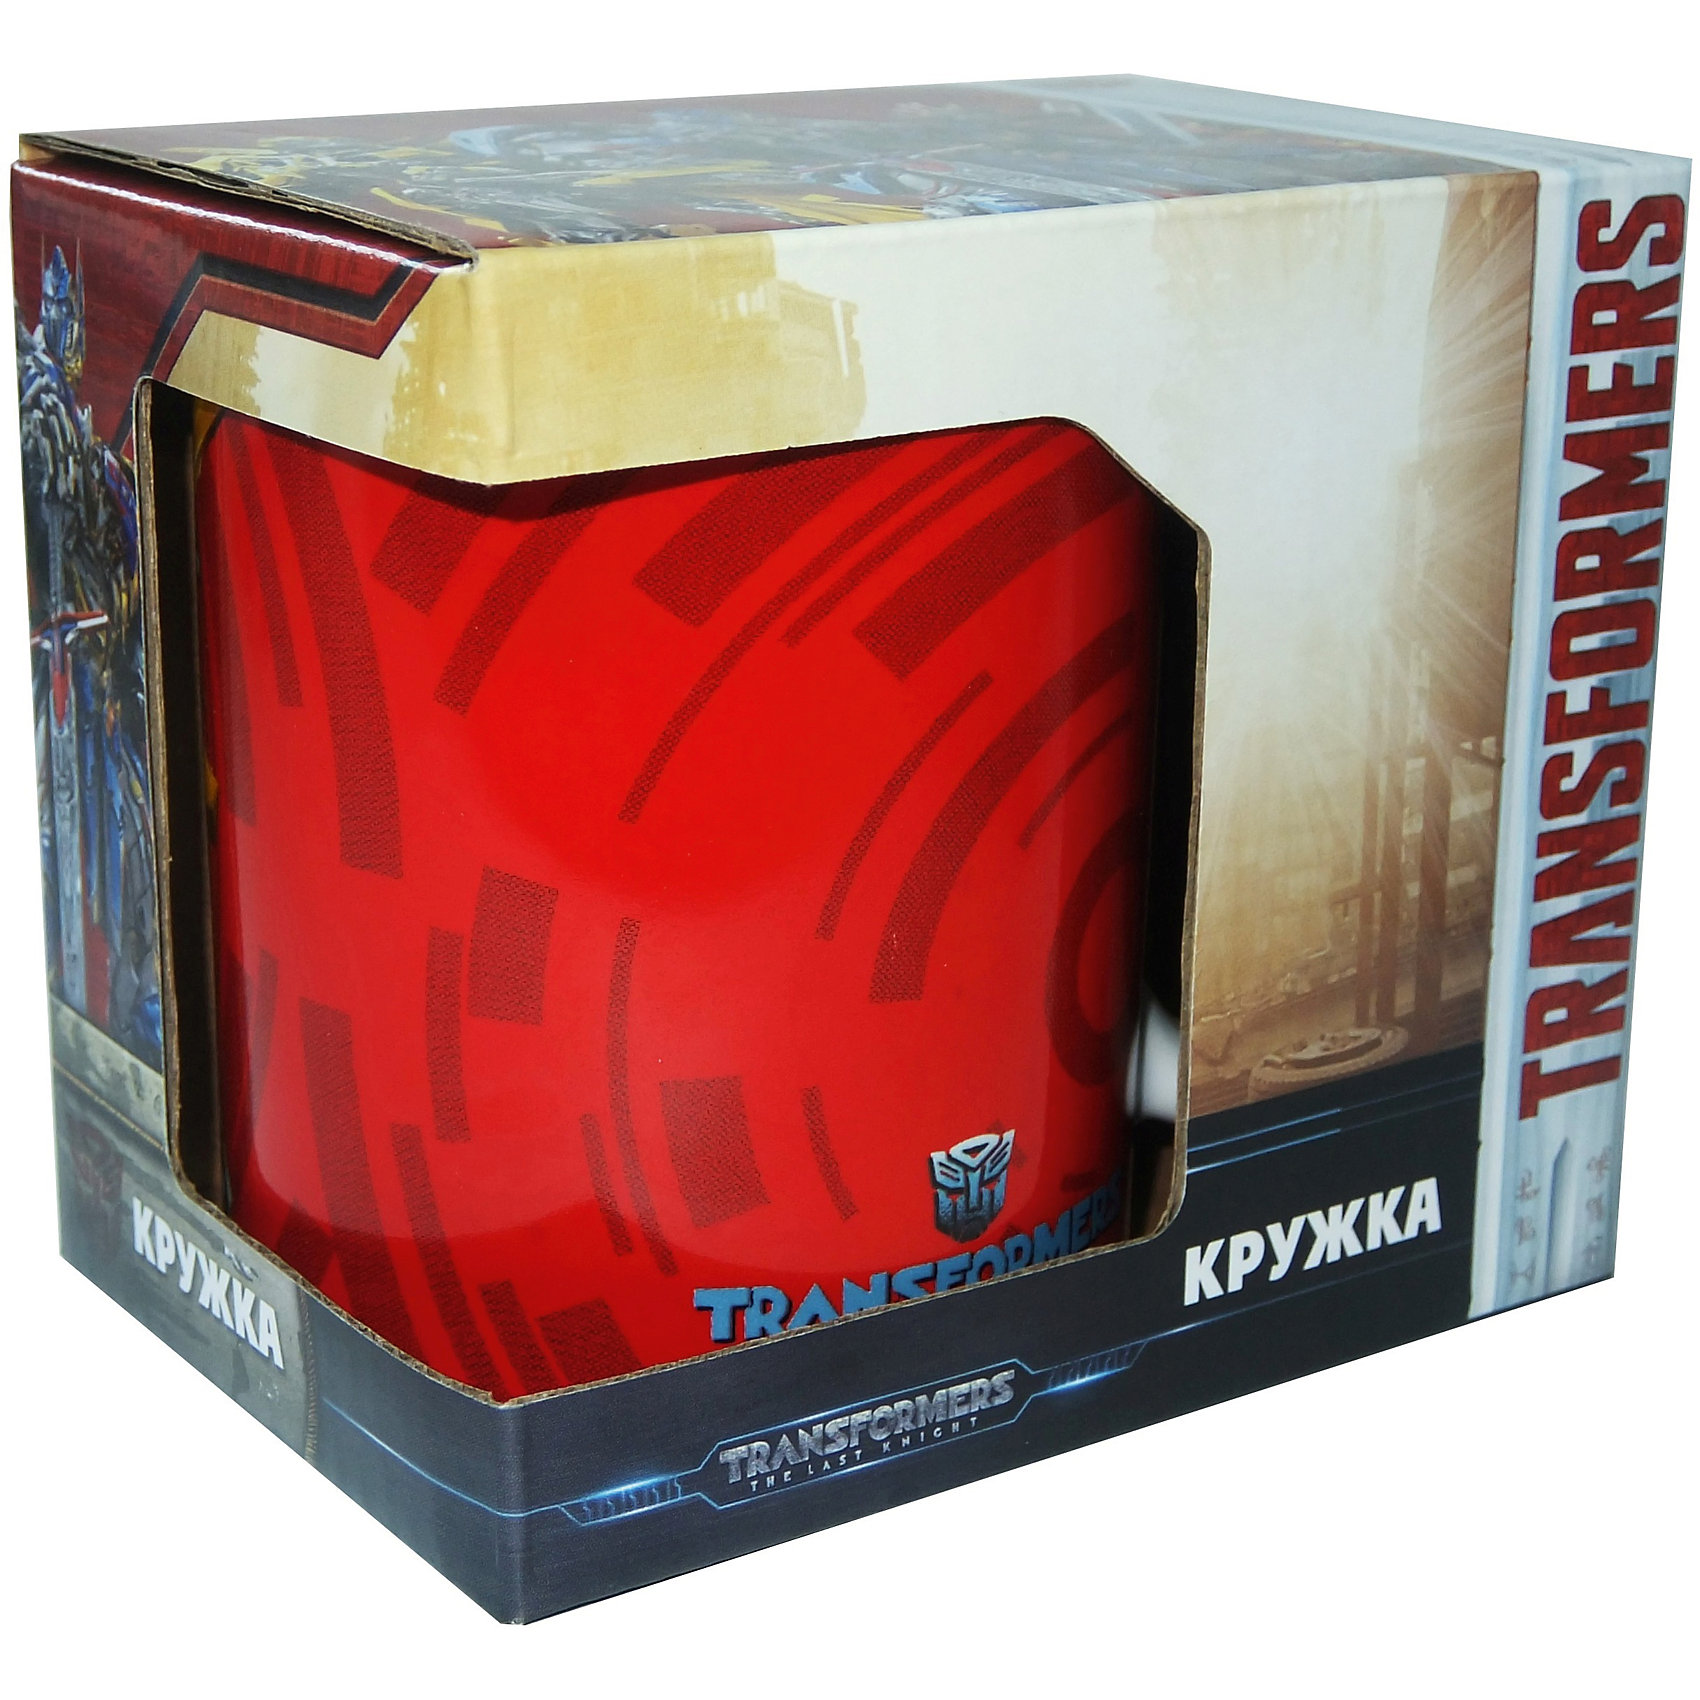 Кружка Transformers Последний рыцарь. Бамблби в подарочной упаковке, 350 мл.Посуда<br>Характеристики:<br><br>• Материал: керамика<br>• Тематика рисунка: Трансформеры<br>• Можно использовать для горячих и холодных напитков<br>• Упаковка: подарочная картонная коробка<br>• Объем: 350 мл<br>• Вес: 360 г<br>• Размеры (Д*Ш*В): 12*8,2*9,5 см<br>• Особенности ухода: можно мыть в посудомоечной машине<br><br>Кружка Transformers Последний рыцарь. Бамблби в подарочной упаковке, 350 мл. выполнена в стильном дизайне: на красный корпус нанесено изображение героя популярного мультсериала Трансформеры – Бамблби. Изображение детально отражает облик экранного прототипа, устойчиво к появлению царапин, не выцветает при частом мытье. <br><br>Кружку Transformers Последний рыцарь. Бамблби в подарочной упаковке, 350 мл. можно купить в нашем интернет-магазине.<br><br>Ширина мм: 120<br>Глубина мм: 82<br>Высота мм: 95<br>Вес г: 360<br>Возраст от месяцев: 36<br>Возраст до месяцев: 1188<br>Пол: Мужской<br>Возраст: Детский<br>SKU: 6849964